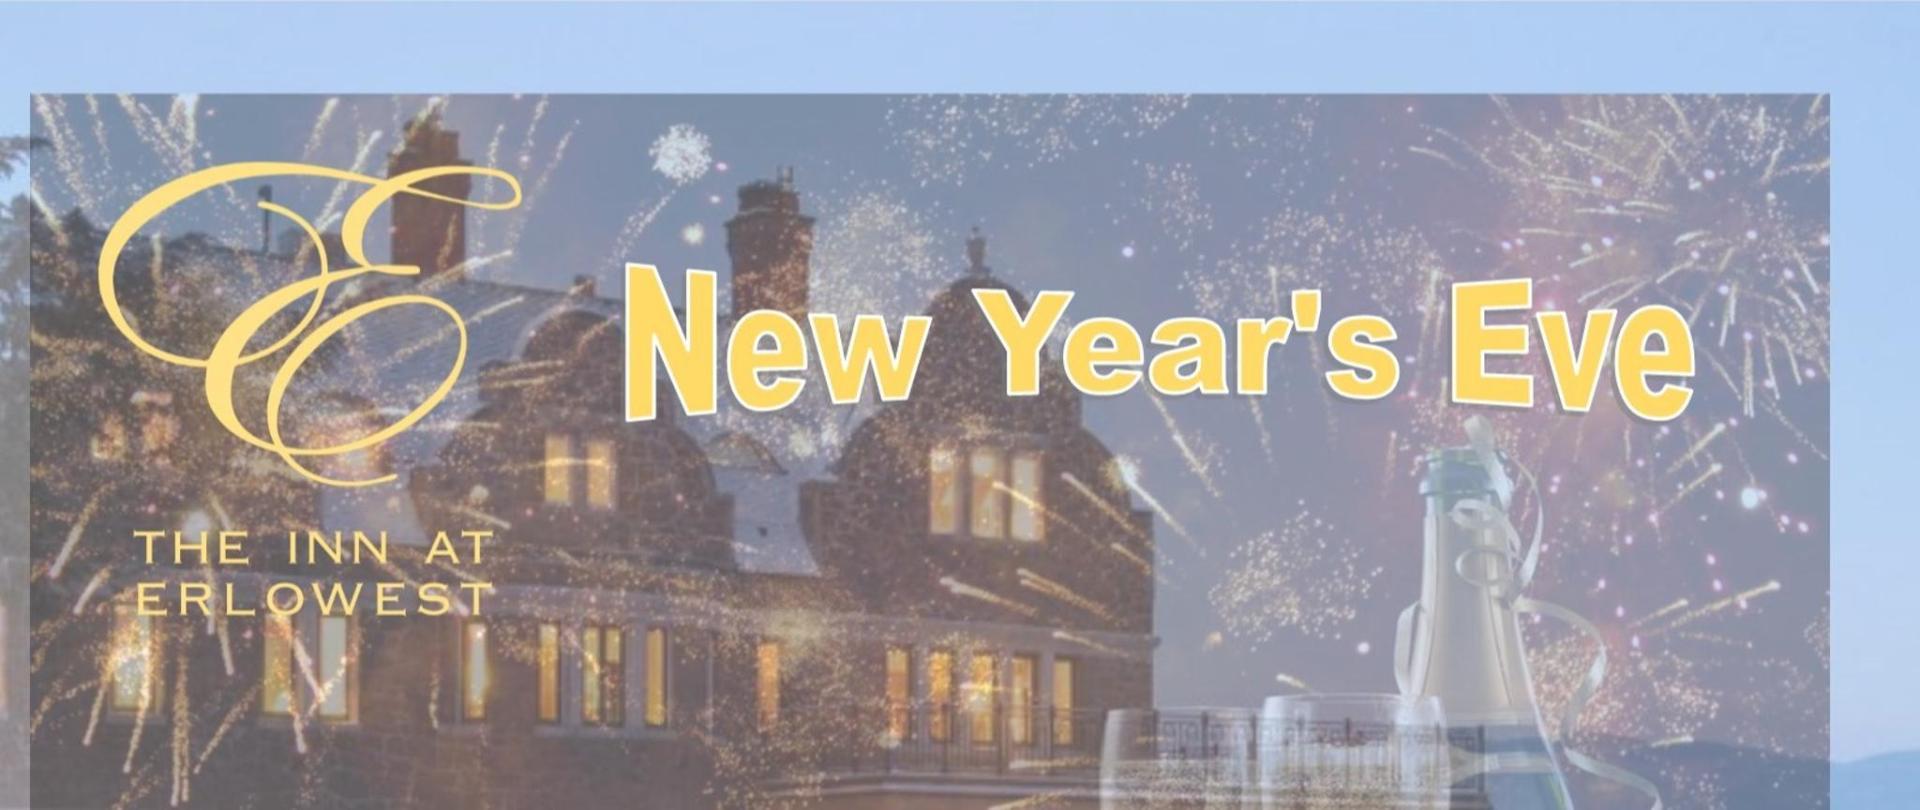 new years eve facebook.jpg